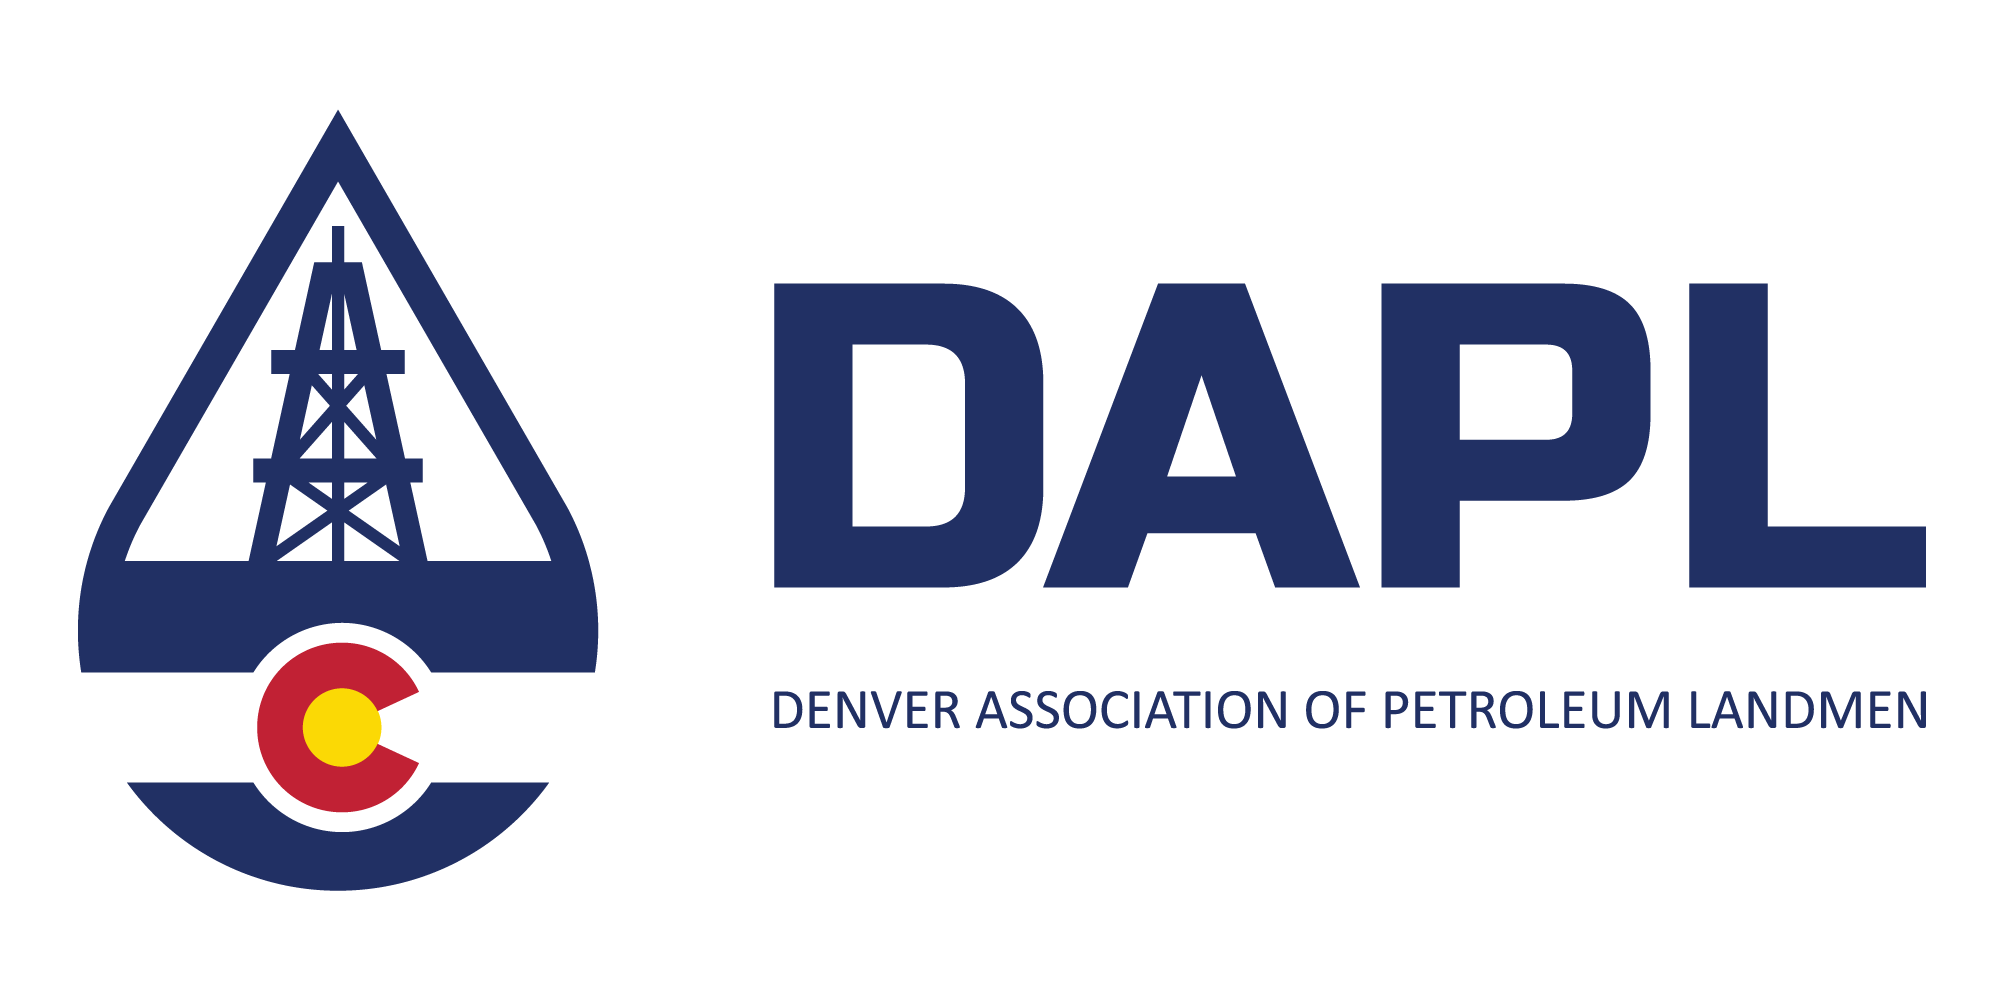 Denver Association of Petroleum Landmen (DAPL)